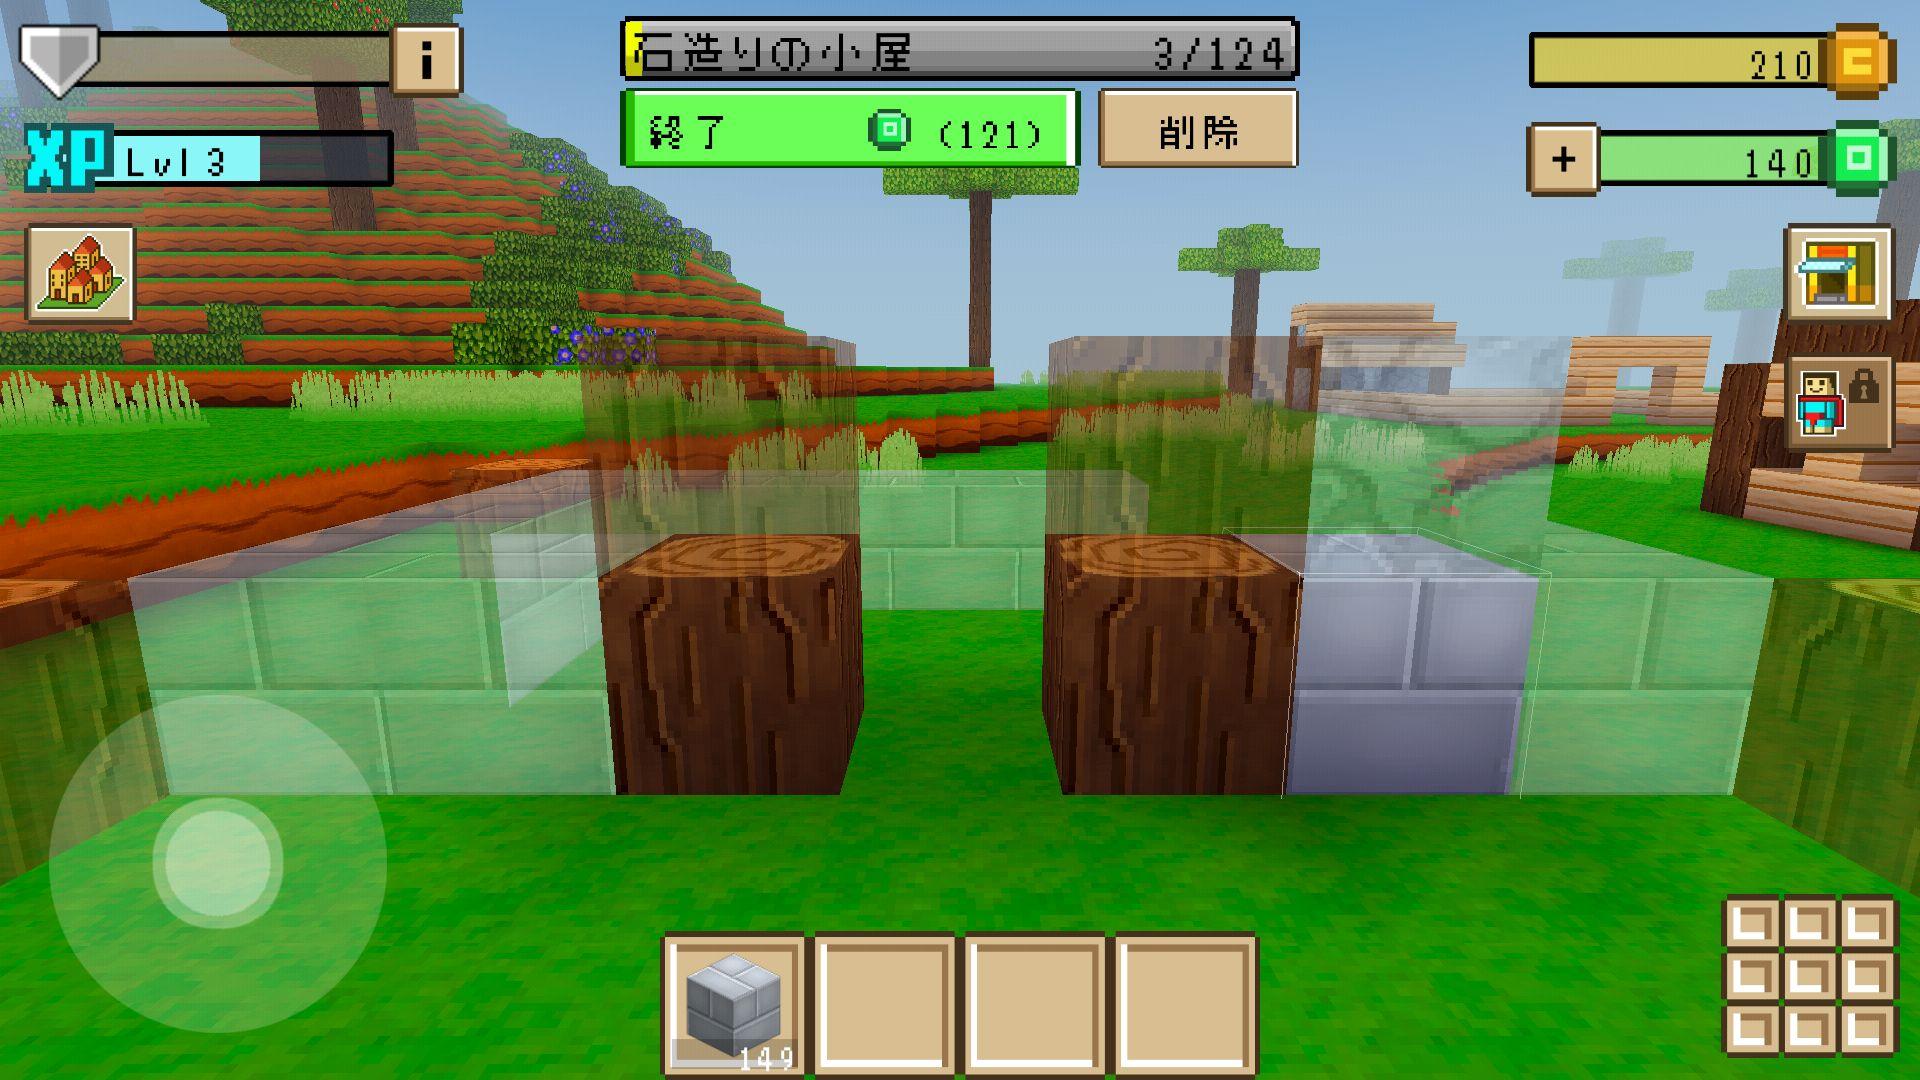 ブロッククラフト3D(Block Craft 3D) androidアプリスクリーンショット2